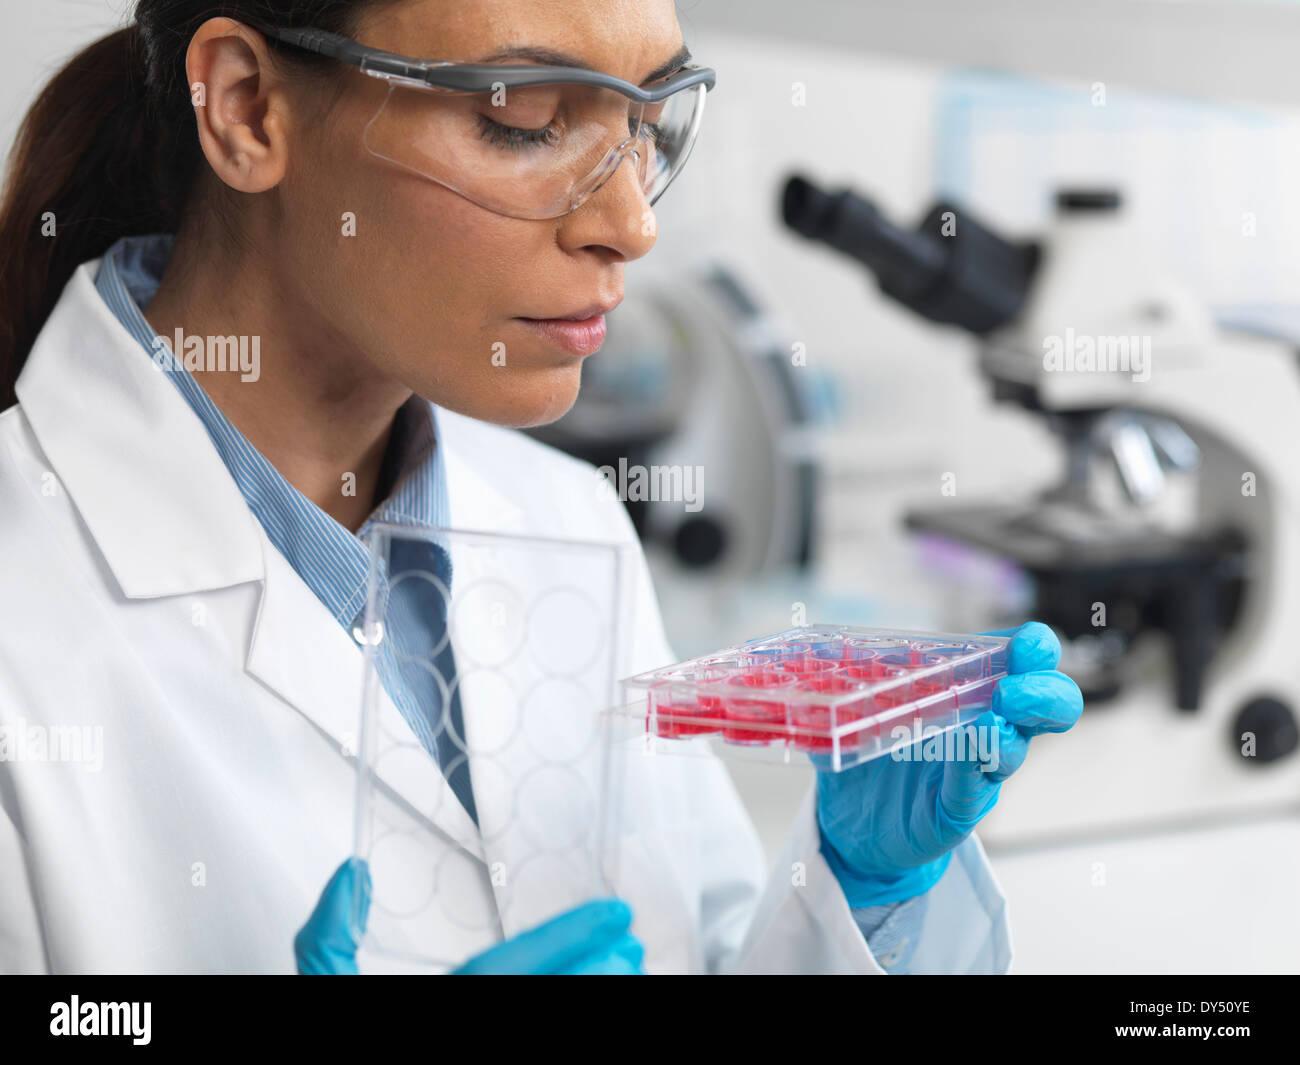 La investigación con células madre. Investigadora examina los cultivos celulares en bandeja multipocillo Imagen De Stock